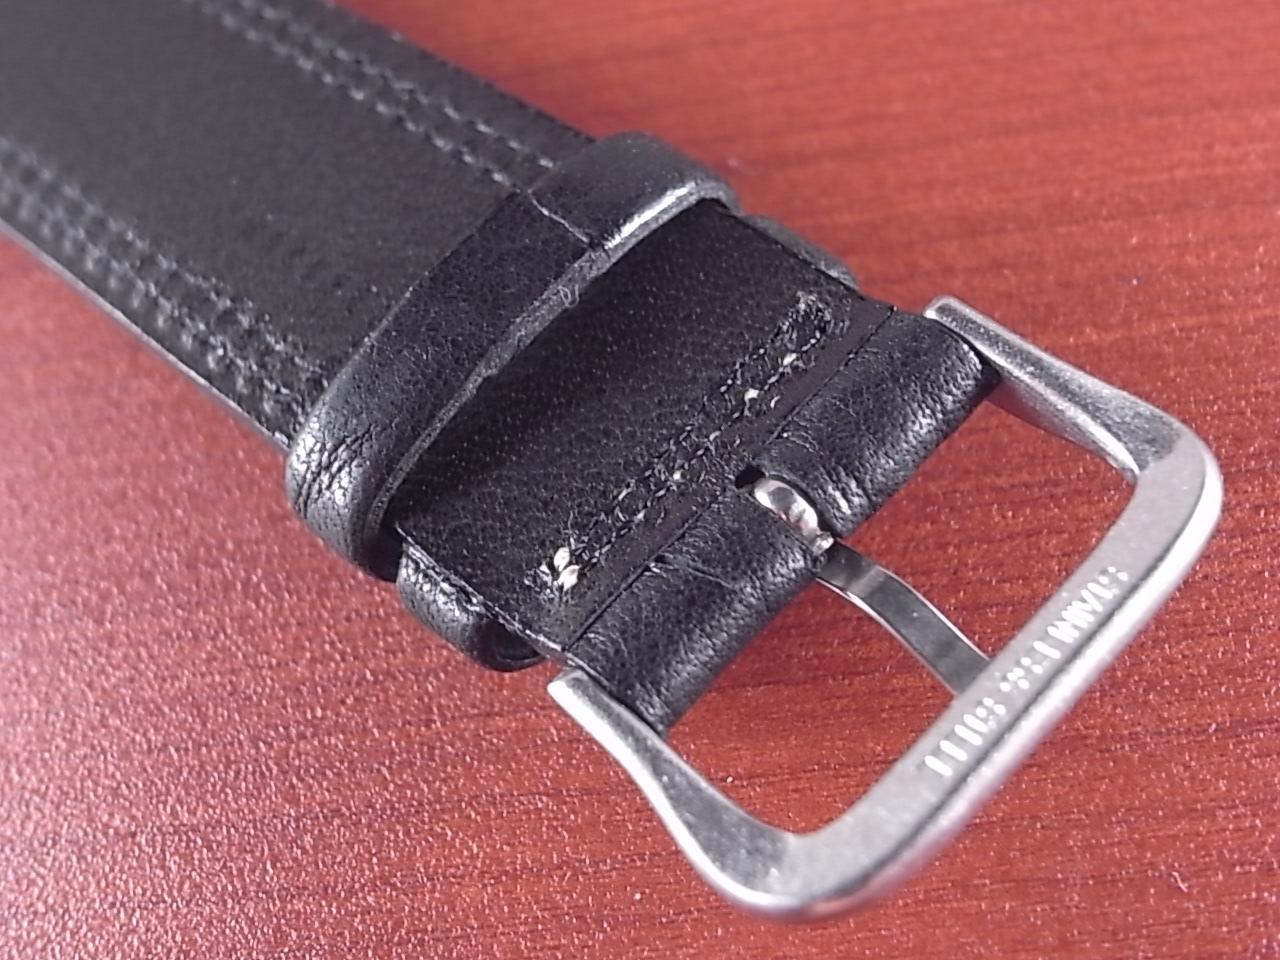 ホースハイド 革ベルト  Wステッチ ブラック 18、20mmの写真4枚目